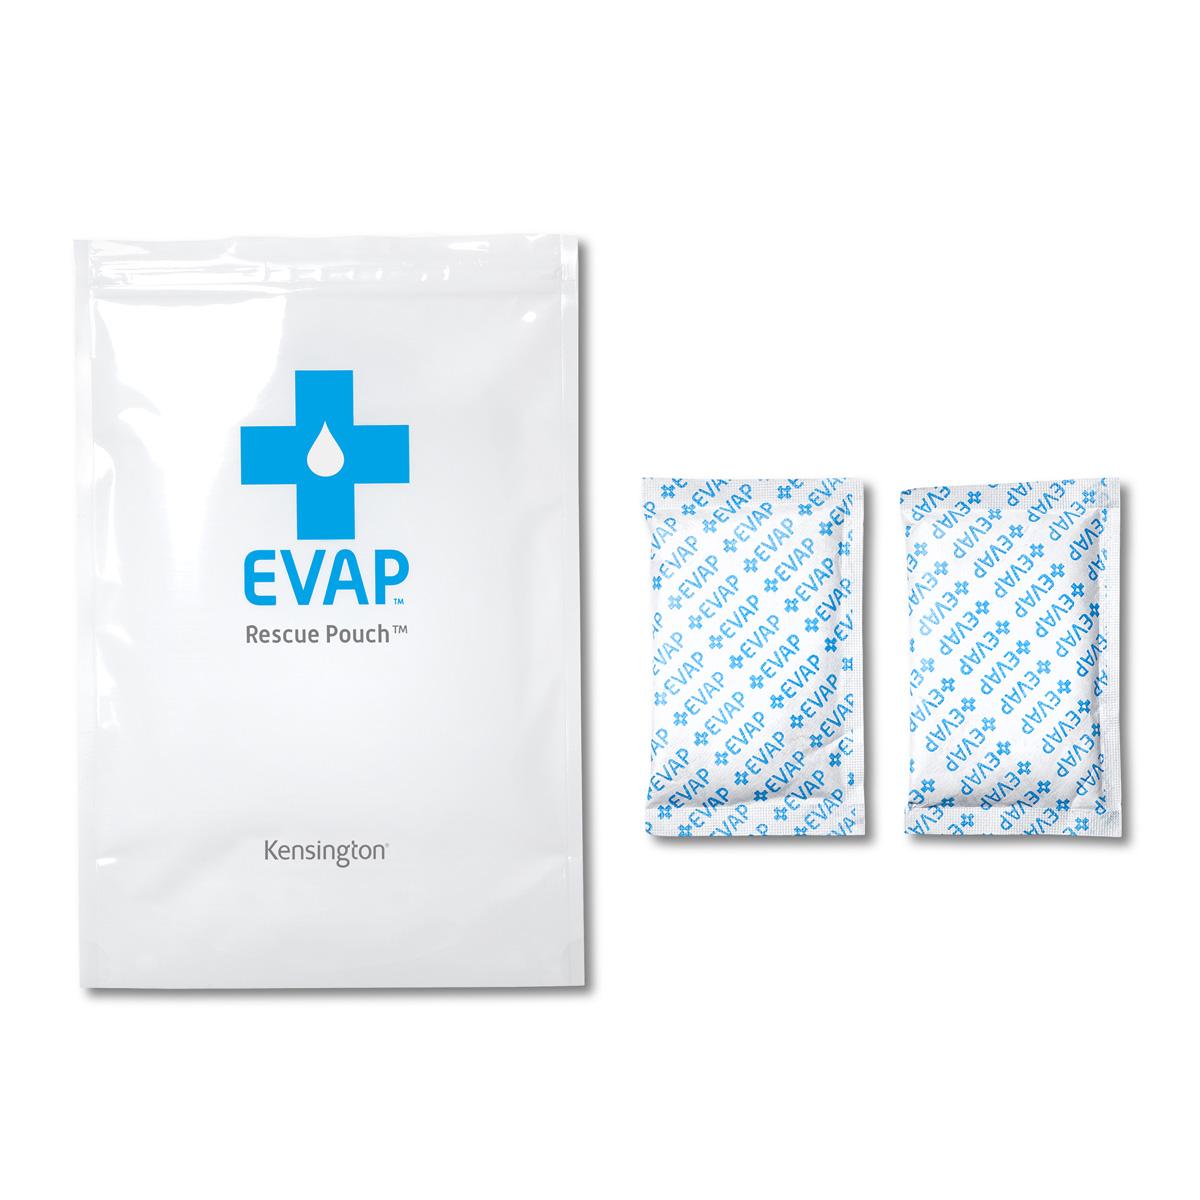 Gadget Téléphone Kensington EVAP Rescue Pouch Déshumidificateur pour smartphone